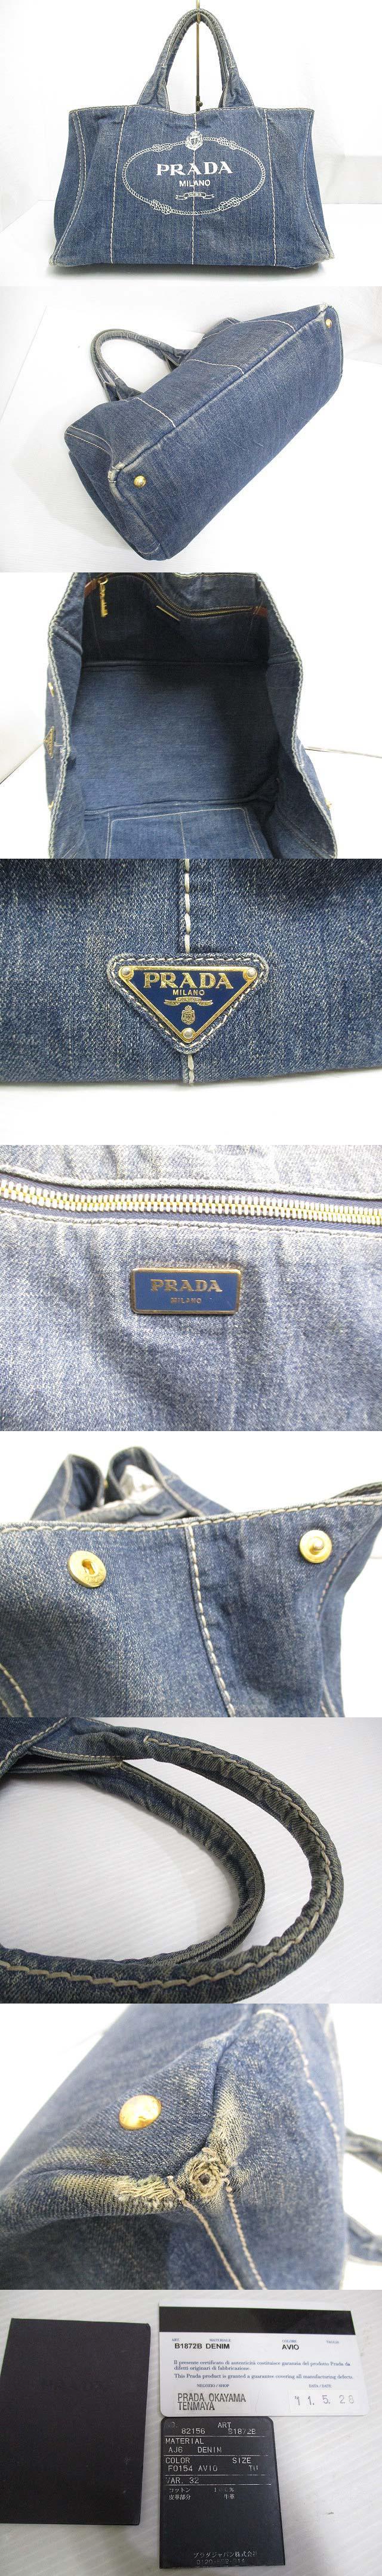 B1872B カナパ デニム トート バッグ AVIO 青系 キャンバス ハンド 保存袋 ギャランティーカード付き